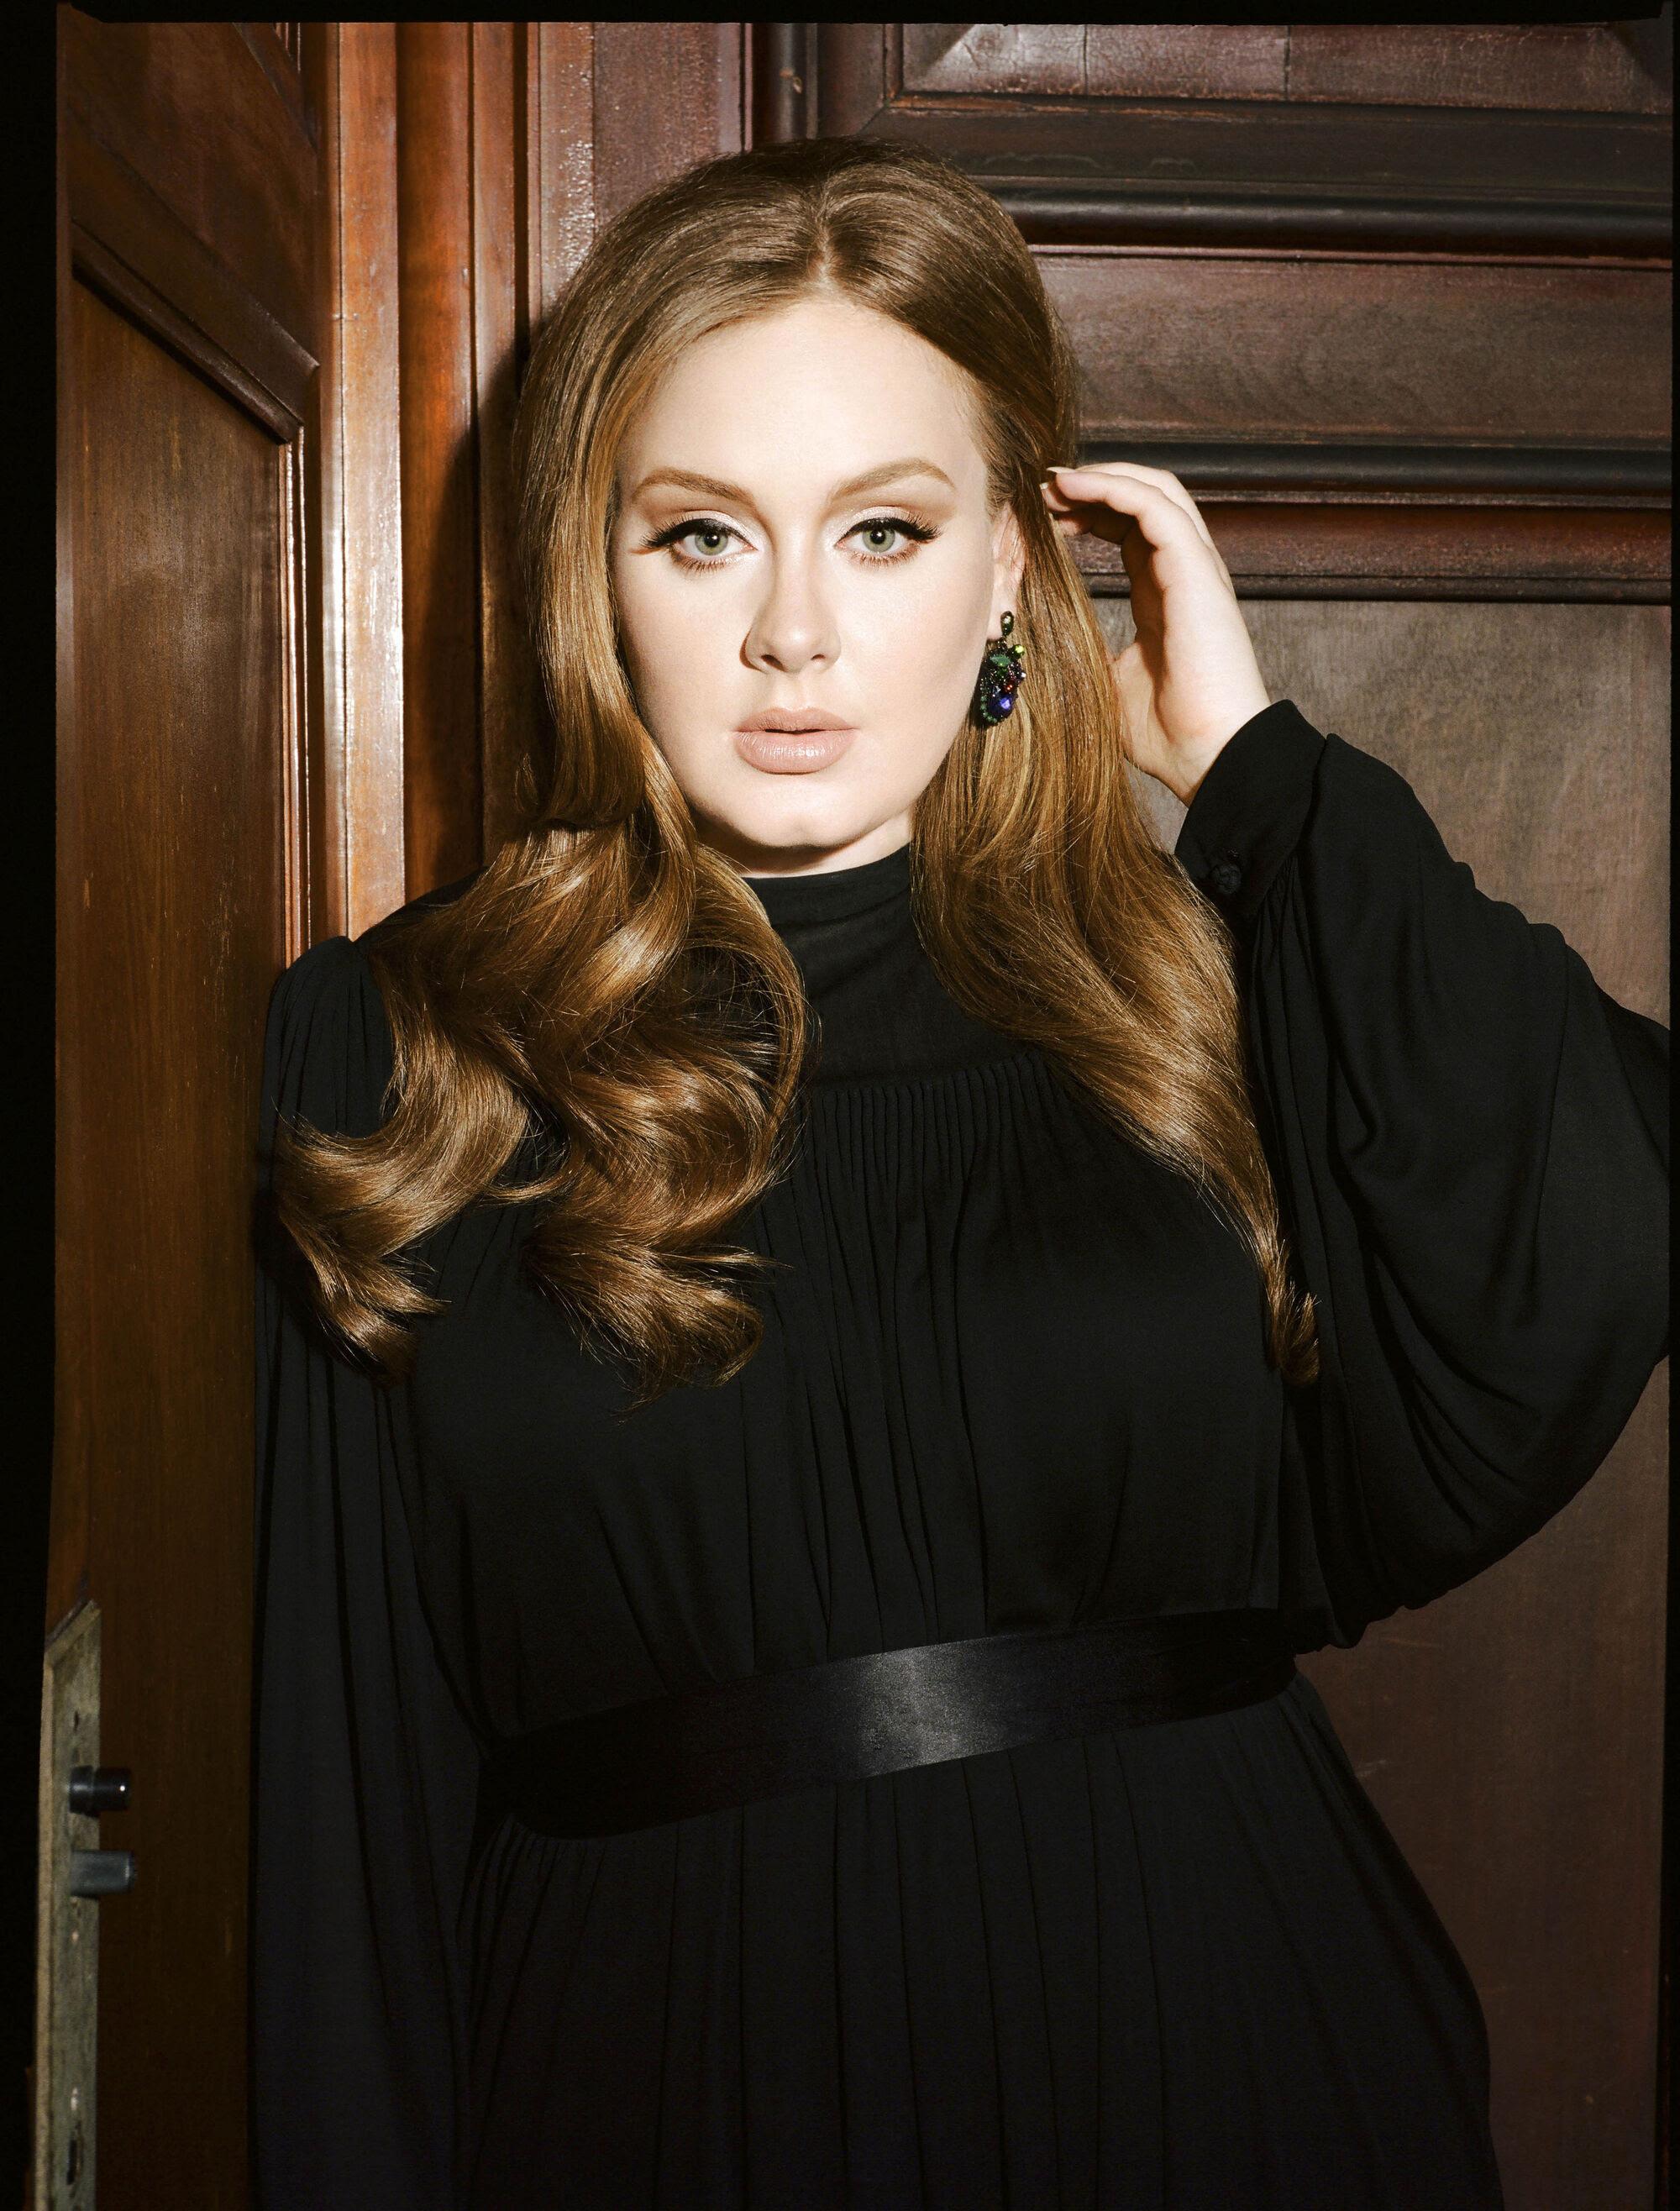 Image - Adele billboard photo shoot 3.jpg | Adele Wiki ...